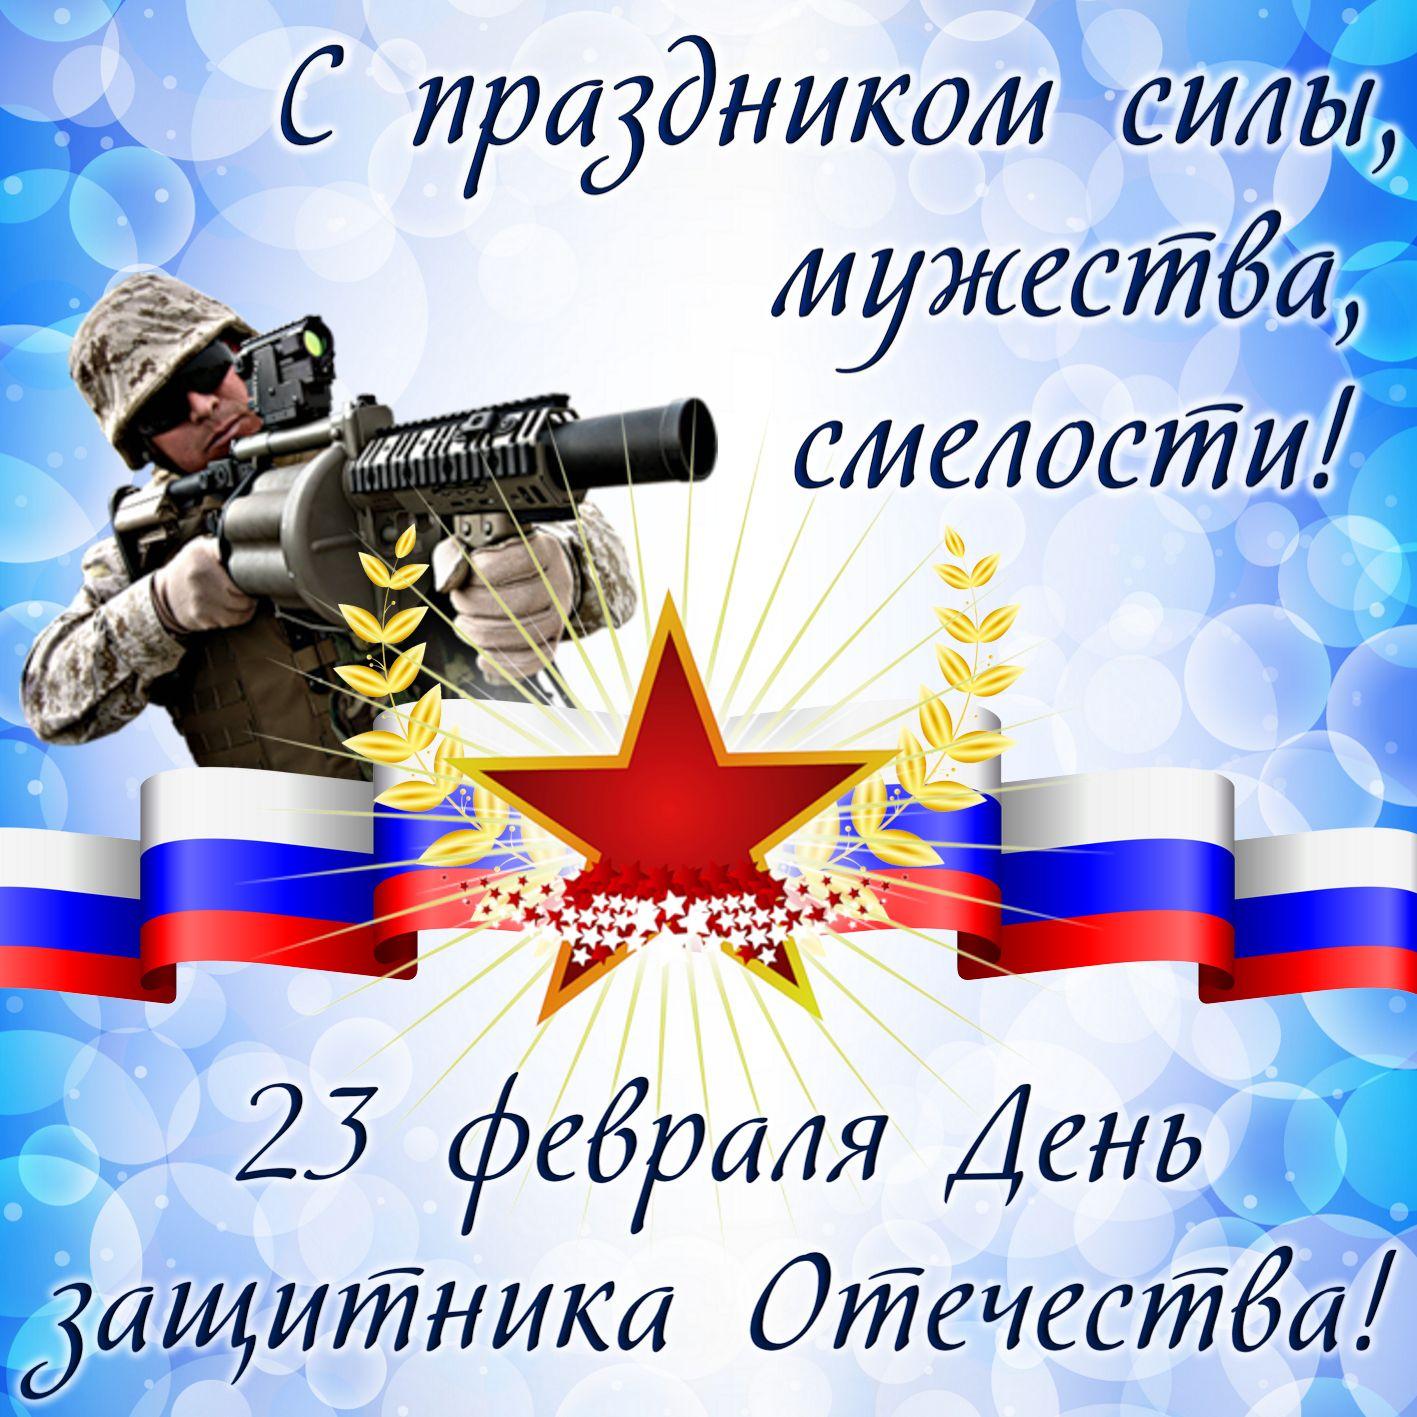 Открытки с днем защитника отечества февраля, открытки